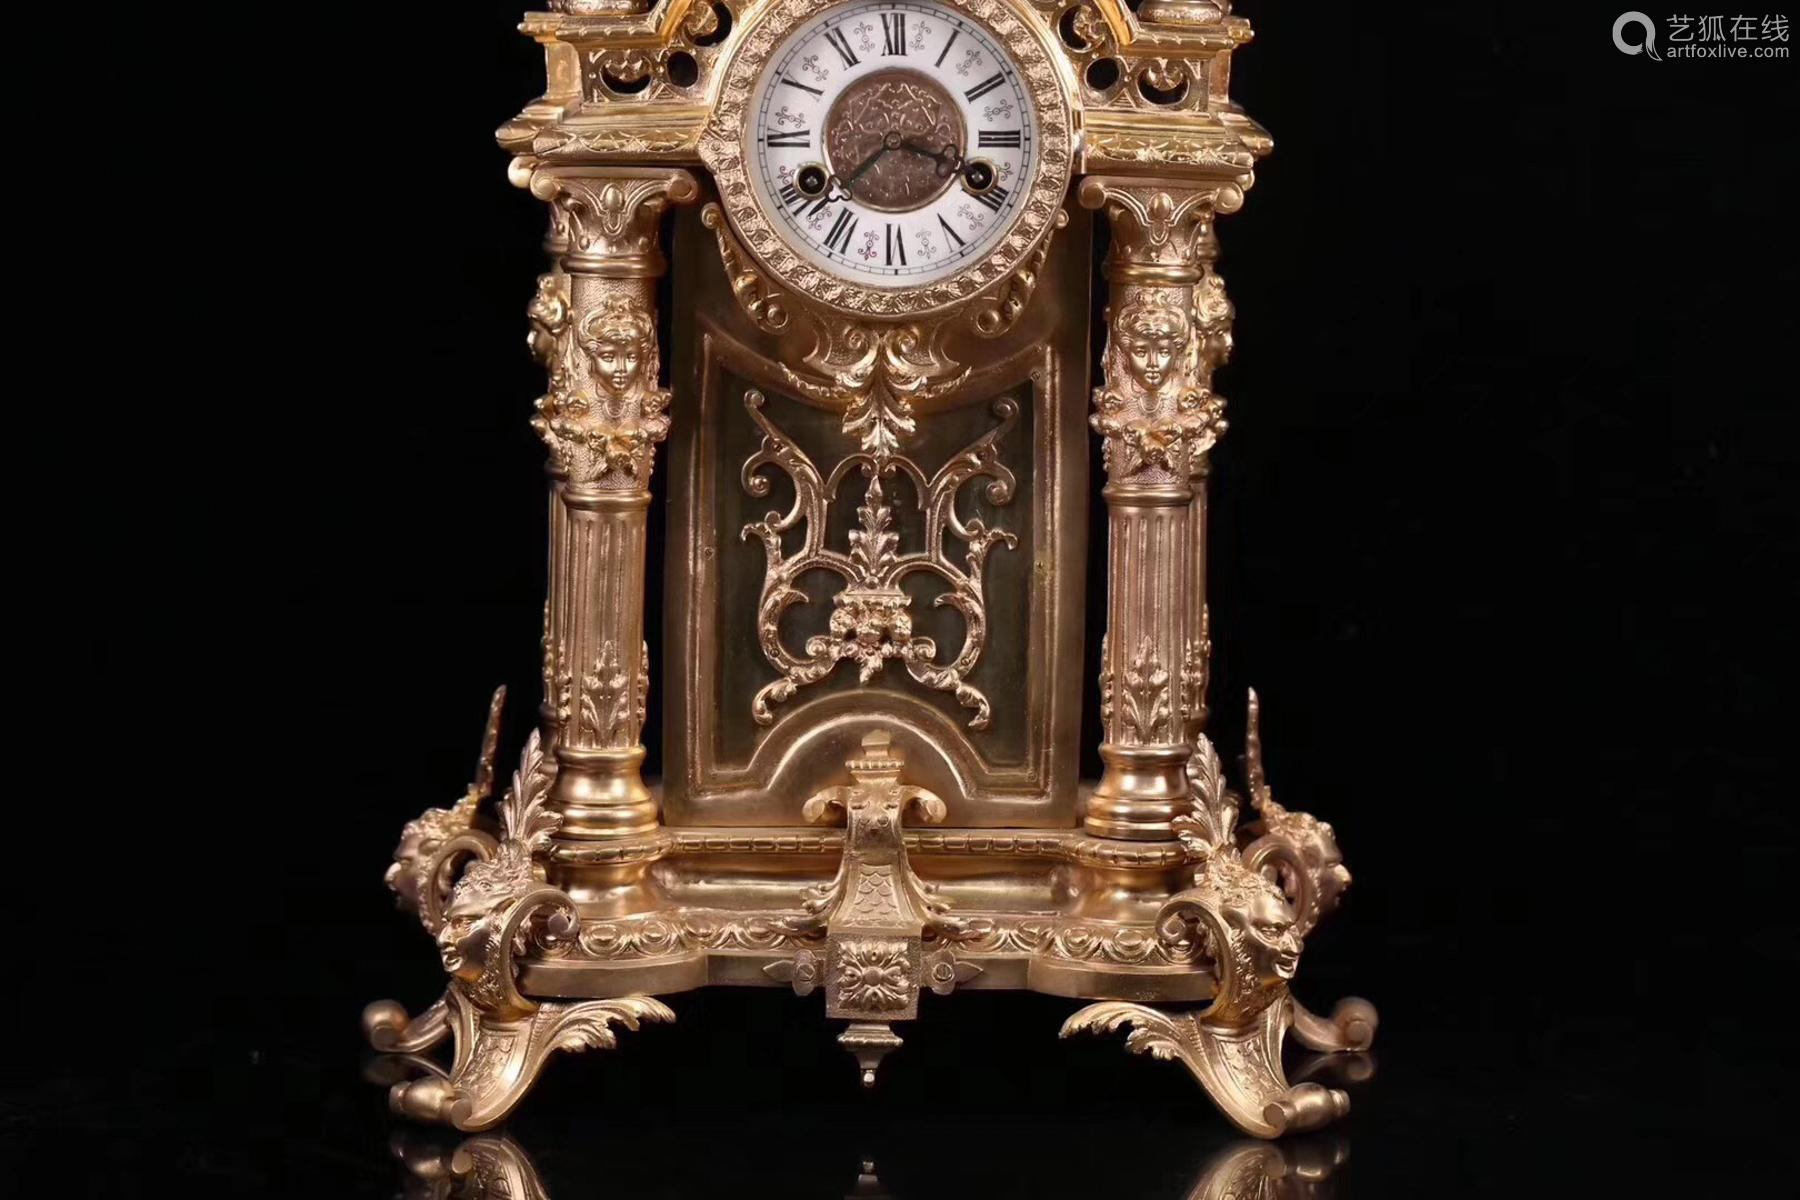 A CENTENNIAL GILT BRONZE TABLE CLOCK